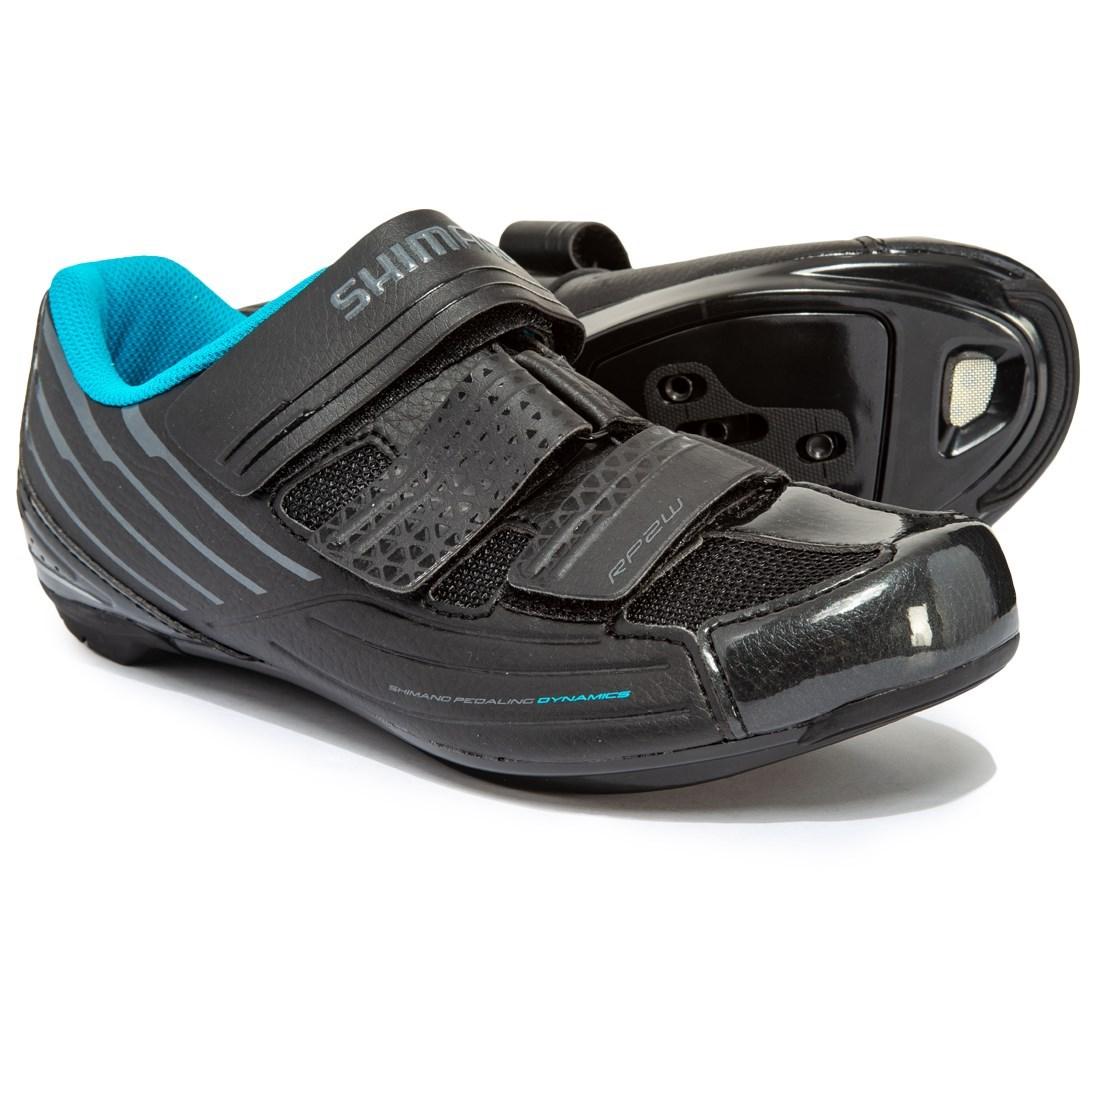 SHIMANO Womens Rp2w SPD-sl Cycling Shoe